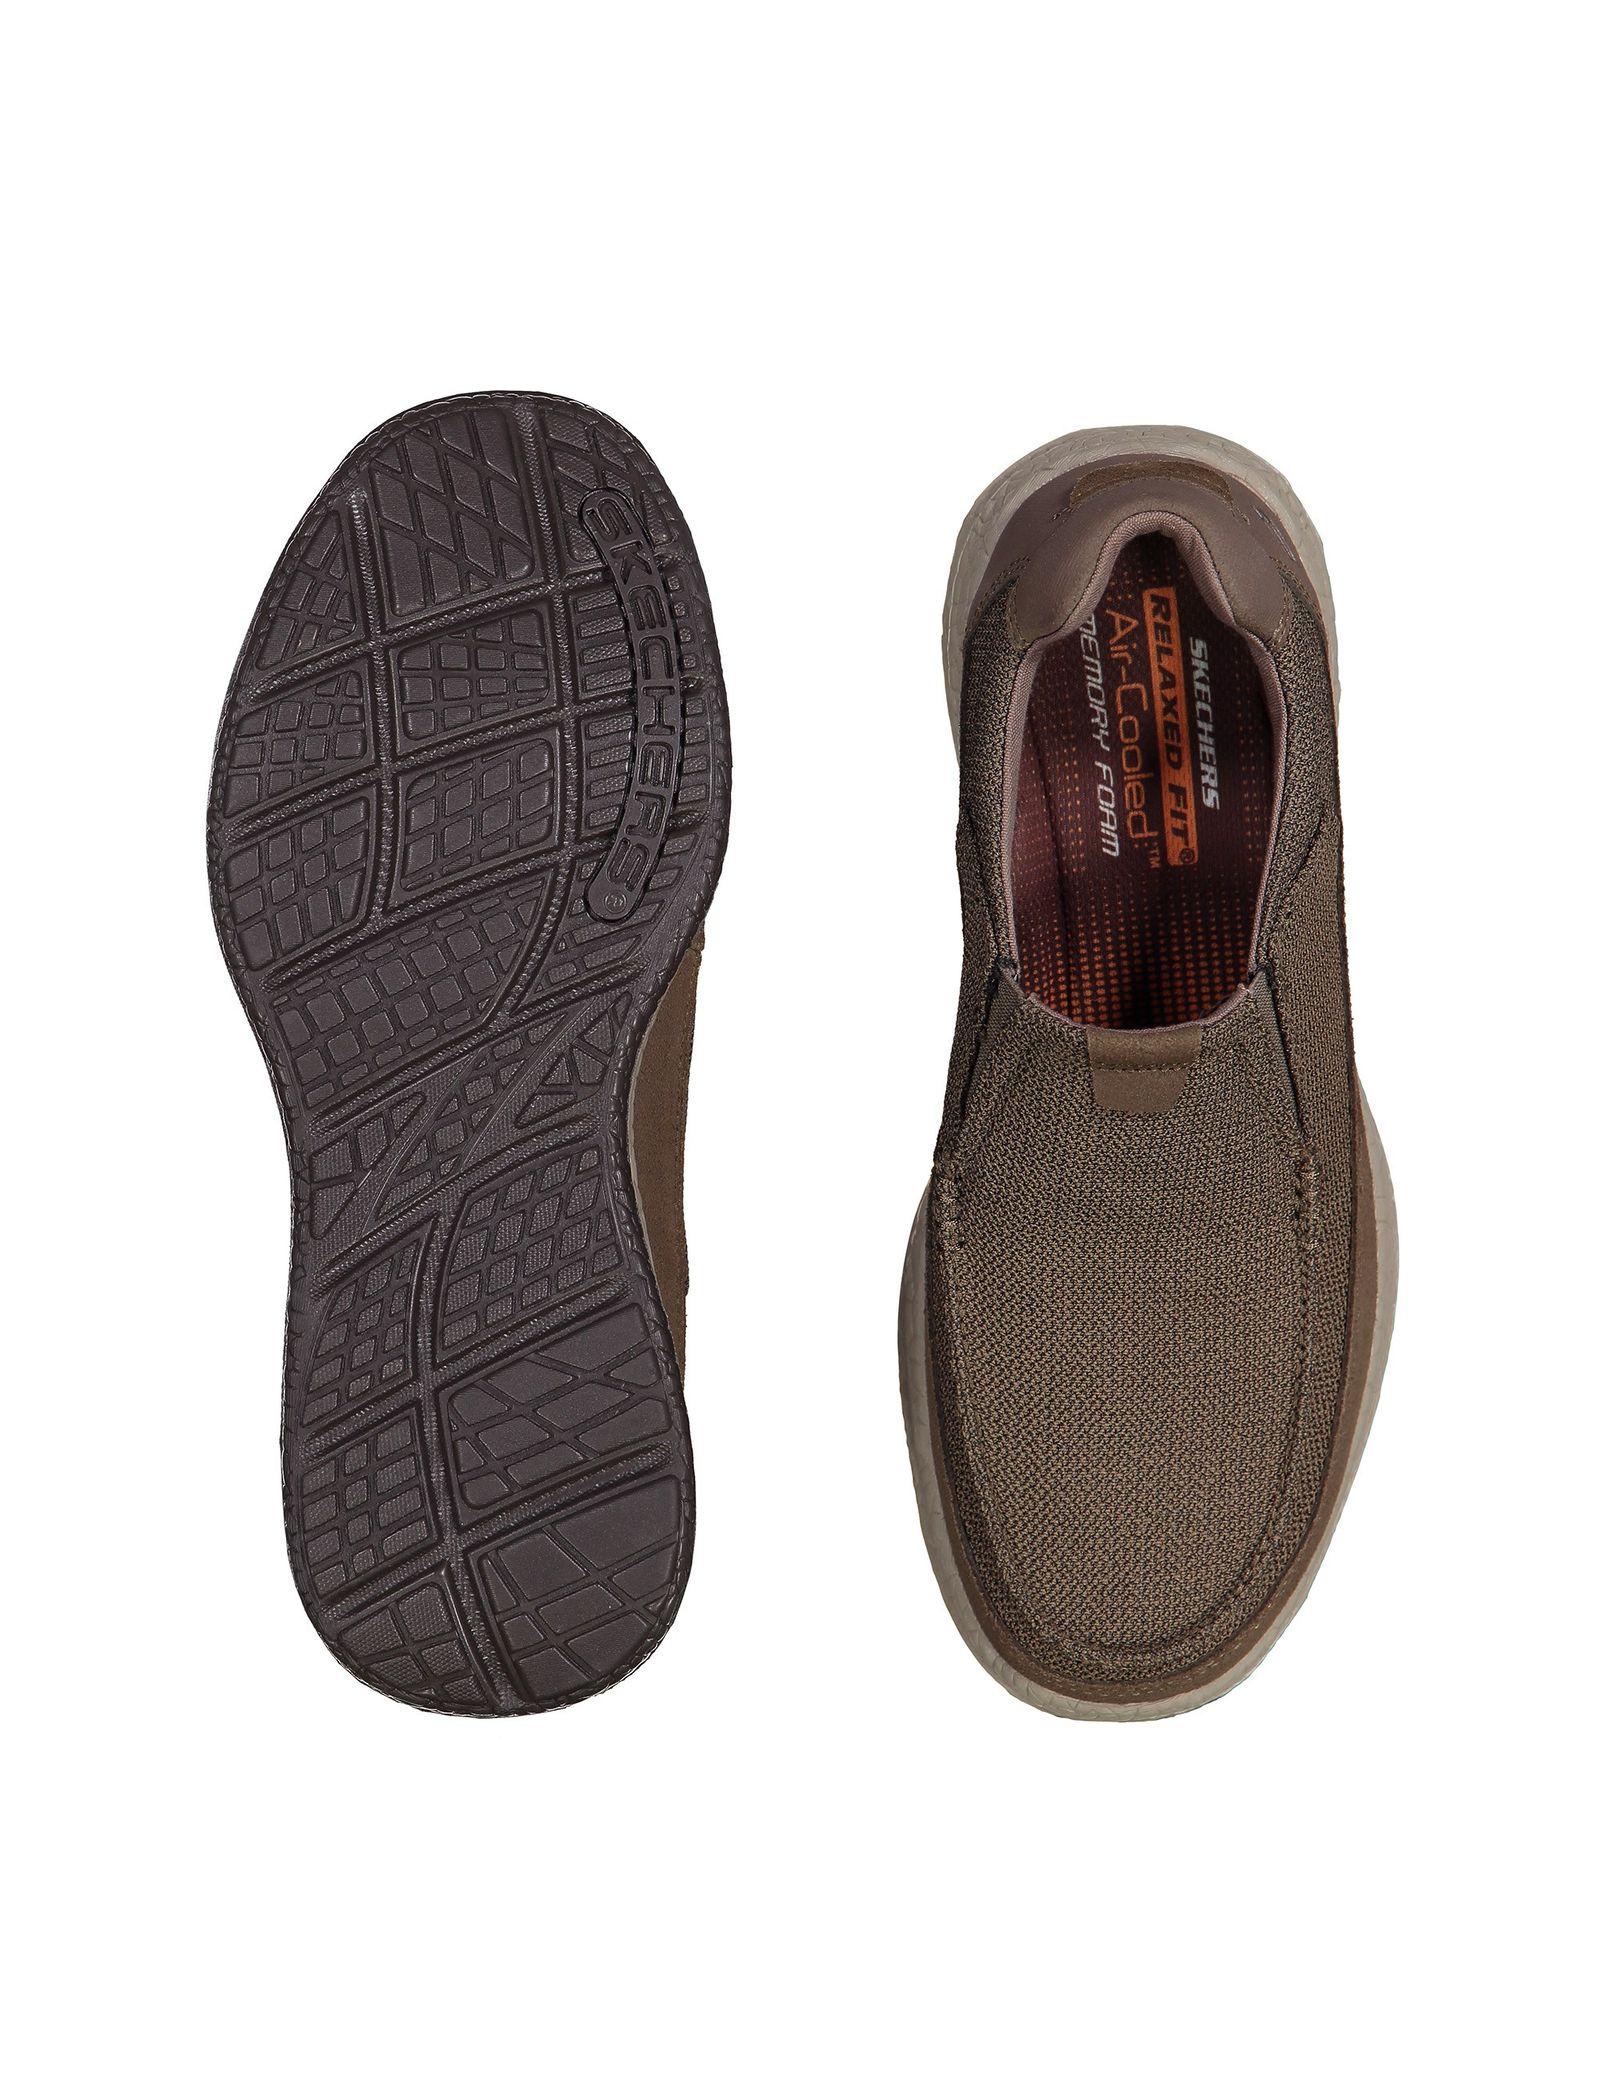 کفش راحتی پارچه ای مردانه Bursen Kinto - اسکچرز - قهوه اي روشن - 2